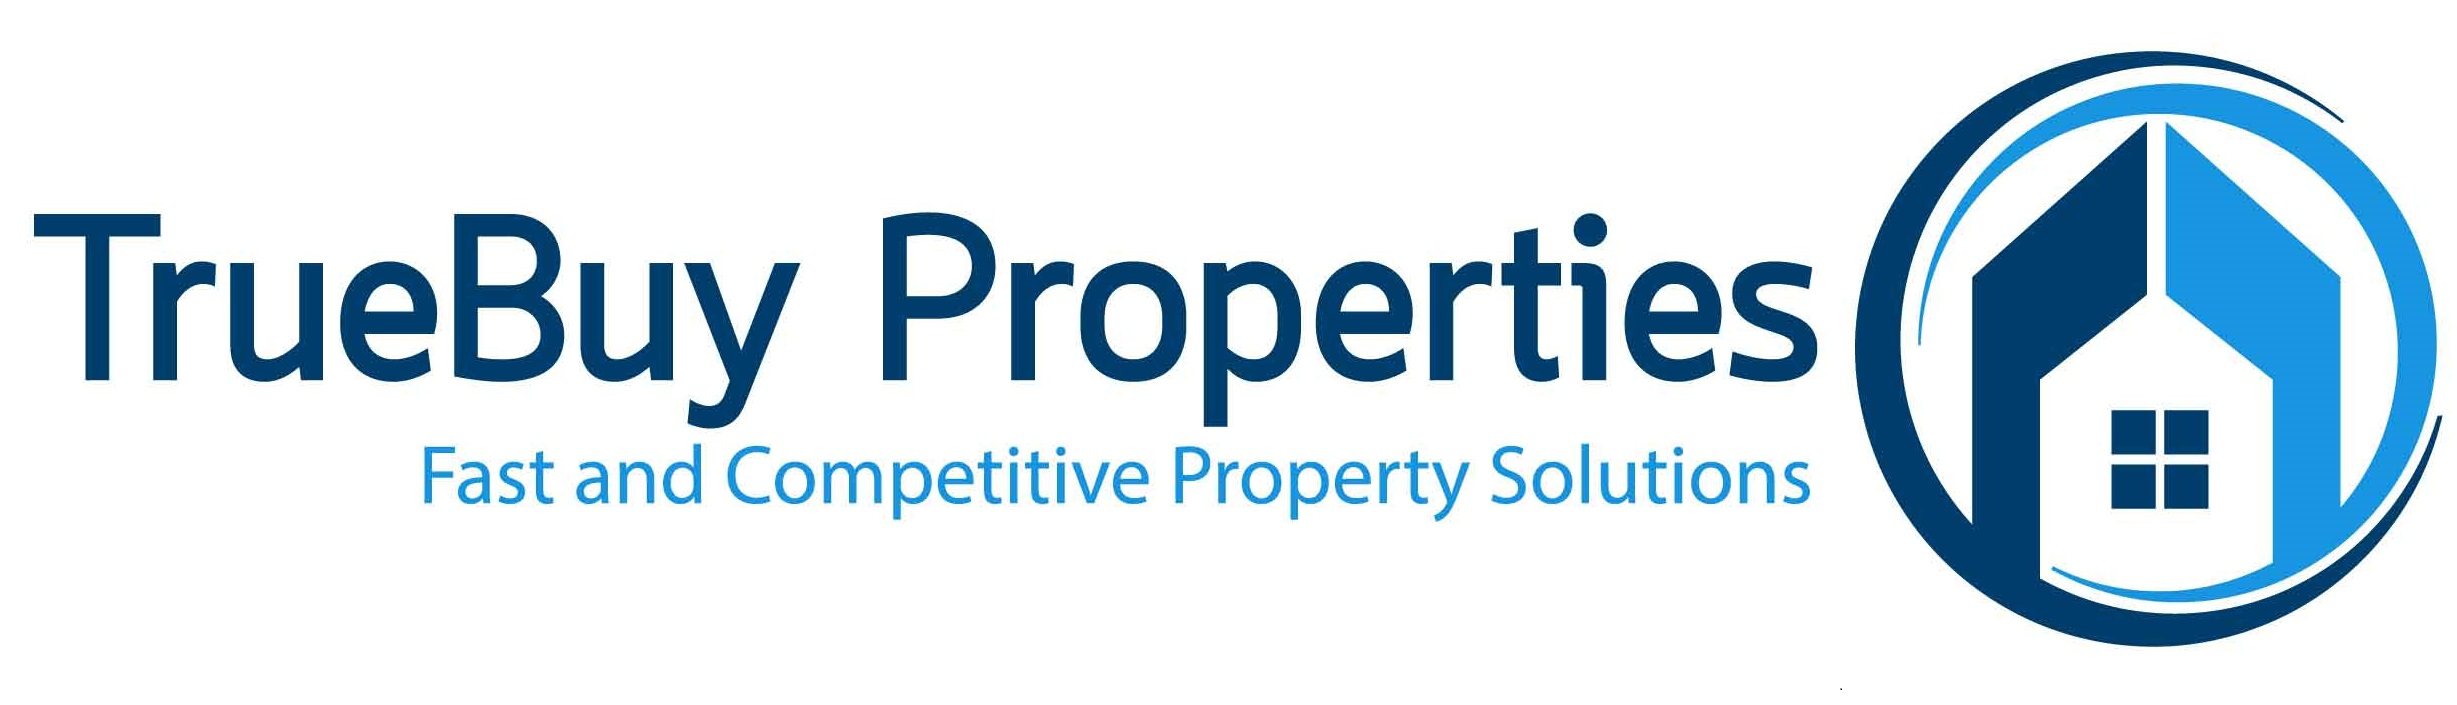 TrueBuy Properties